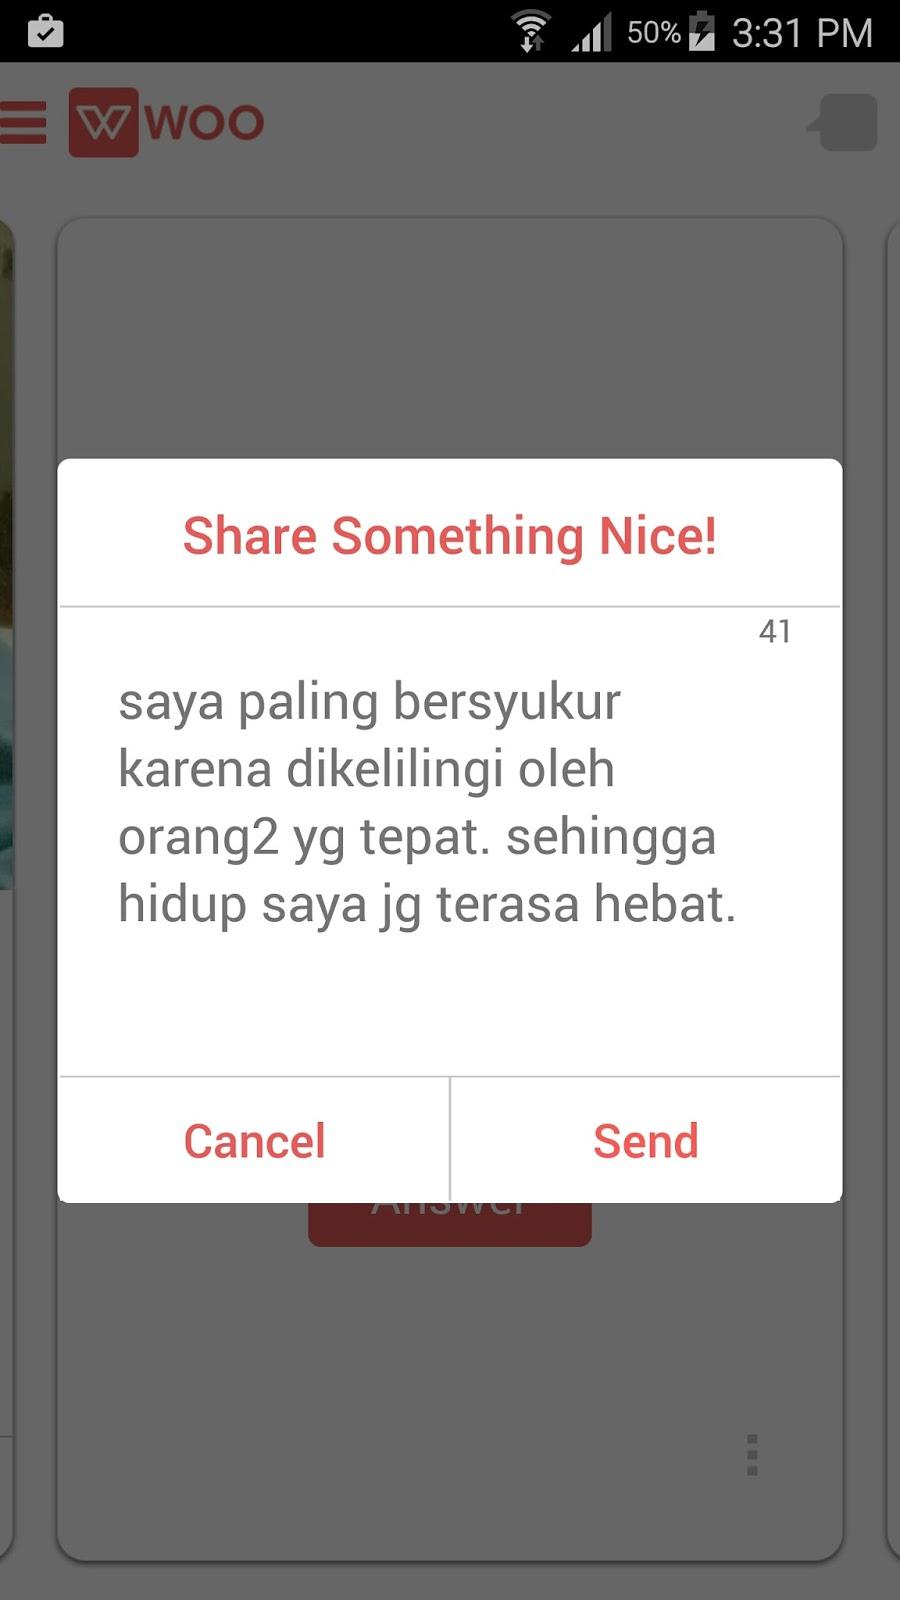 Blog Indonesia Page 4066 Of 4068 Tcash Vaganza 18 Produk Ukm Bumn Mr Kerbaw Keripik Bawang Wortel Btw Question Cast Ini Sebenernya Bisa Jadi Semacam Test Kecerdasan Seseorang Si Pembuat Pertanyaan Mengira Ngira Level Kita